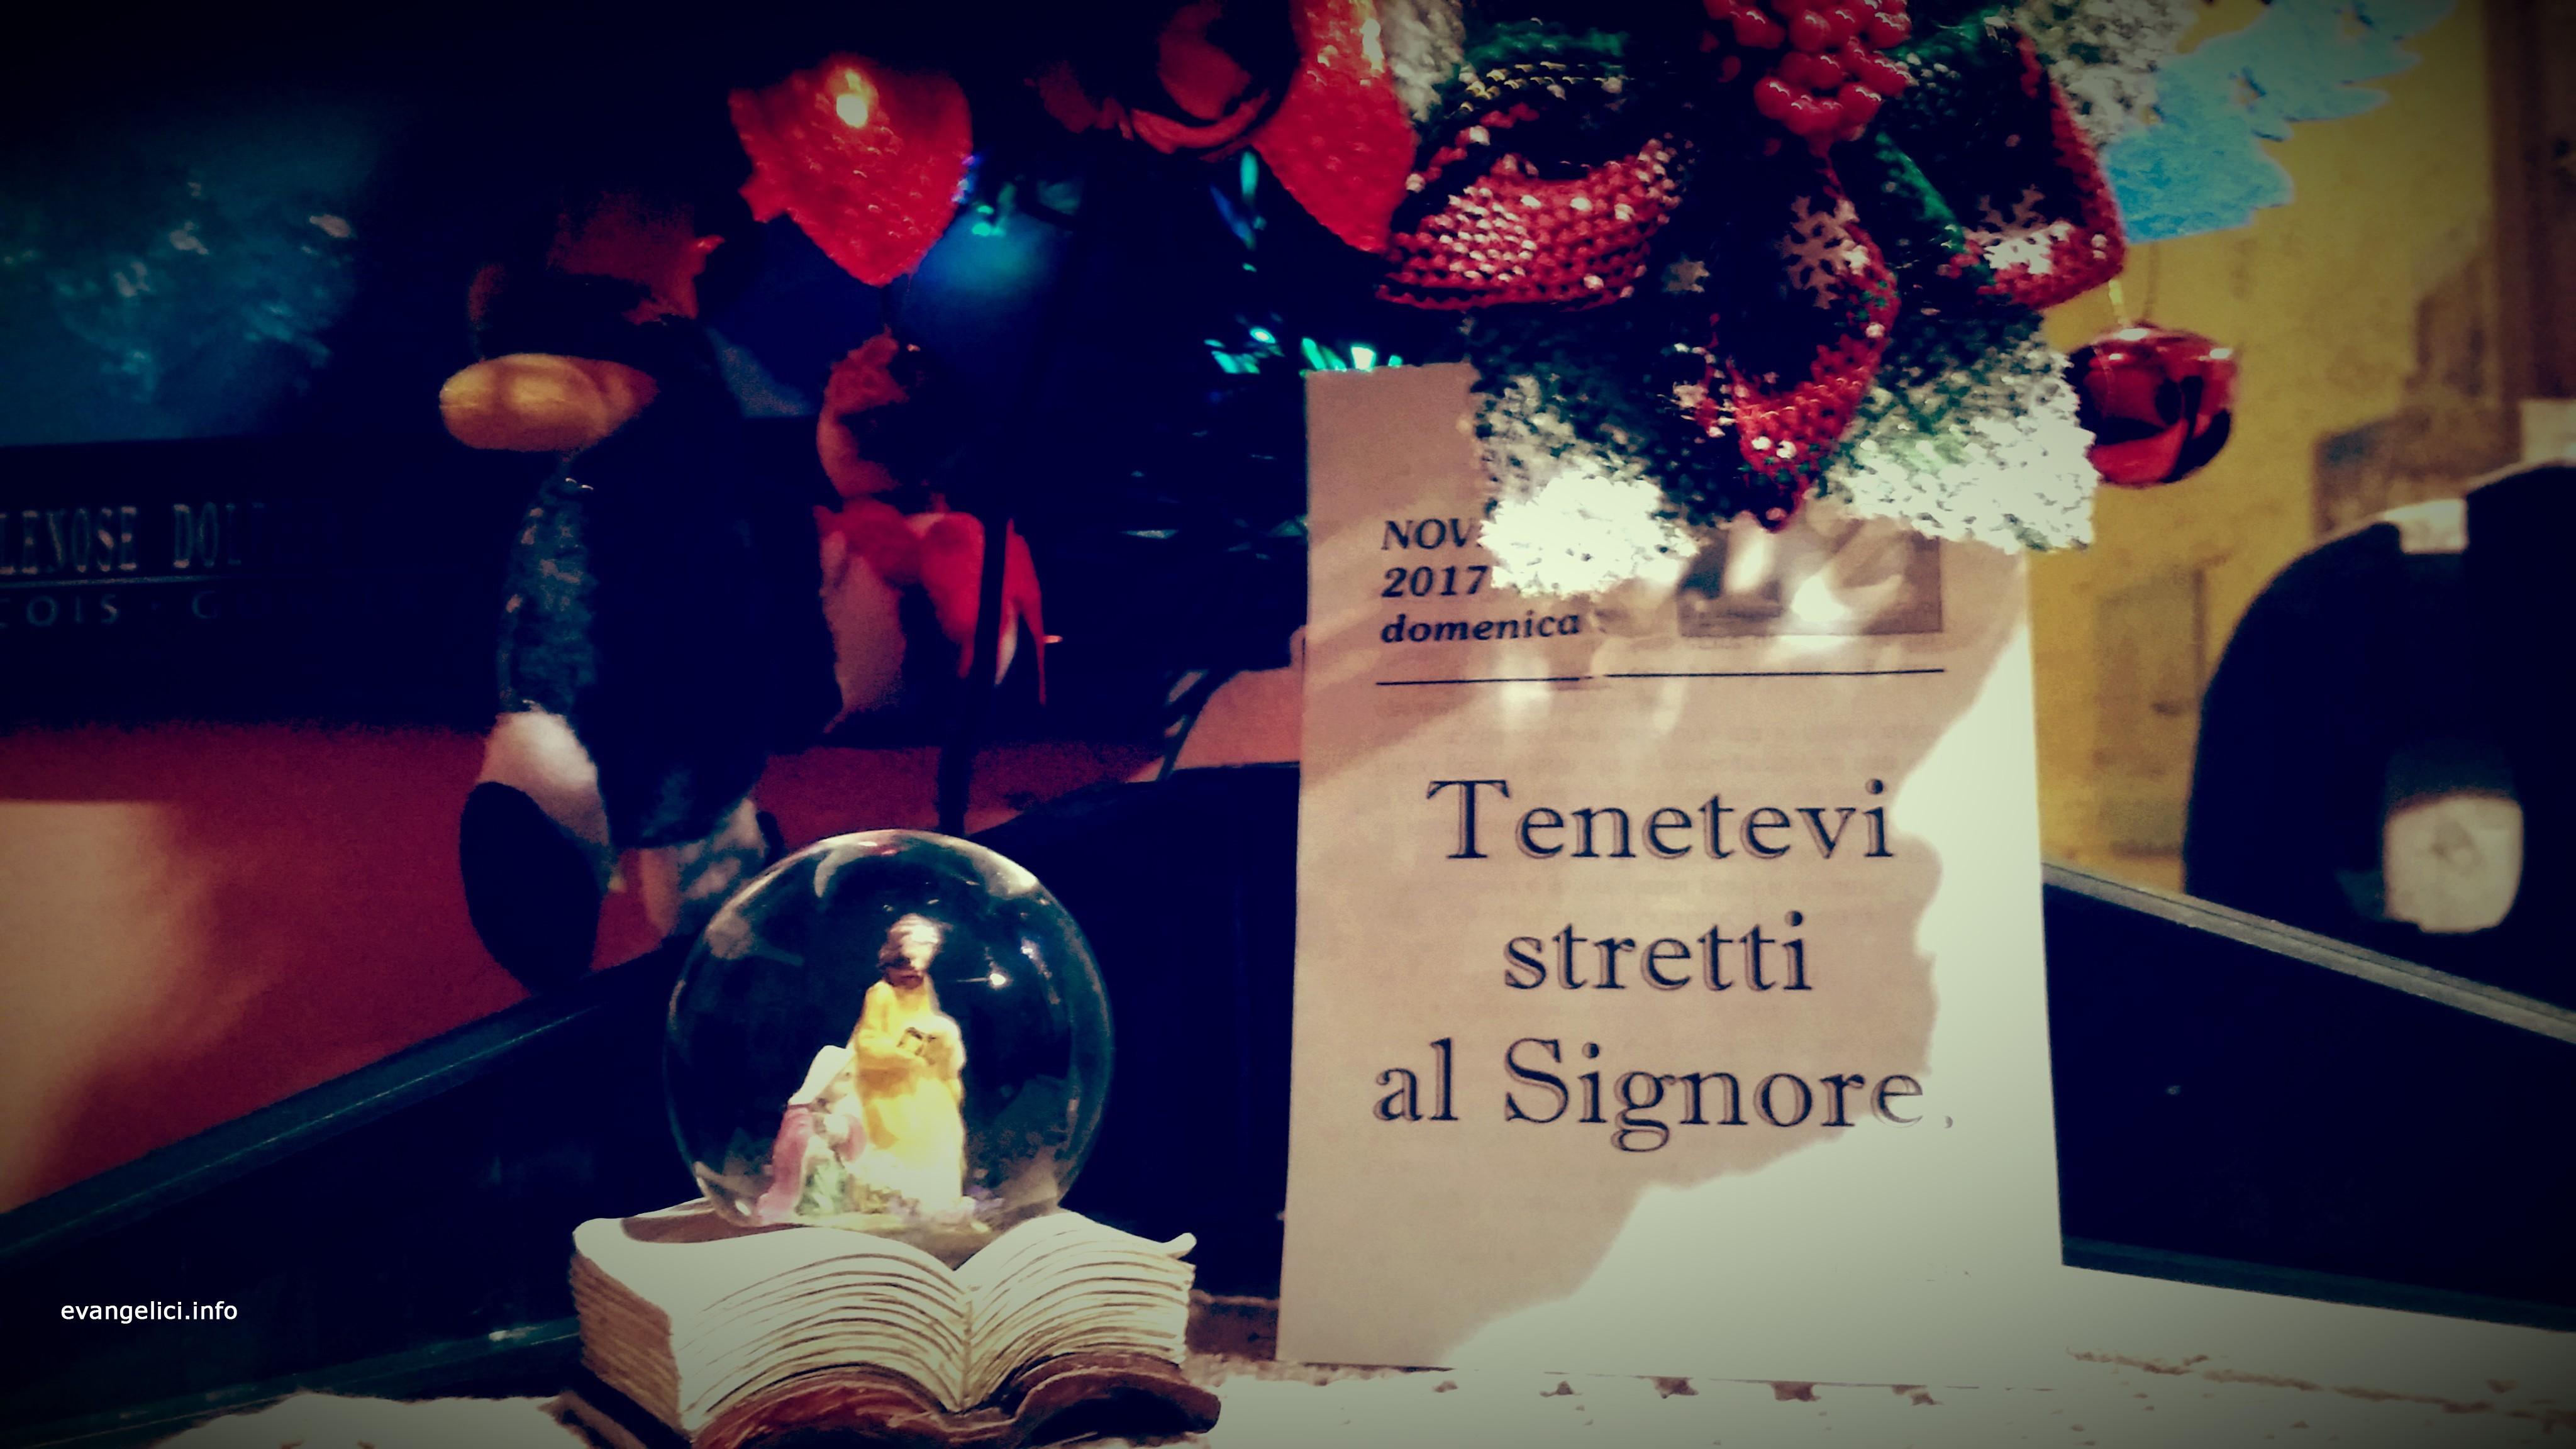 La Parola Natale Significa.I Cristiani Possono Festeggiare Il Natale